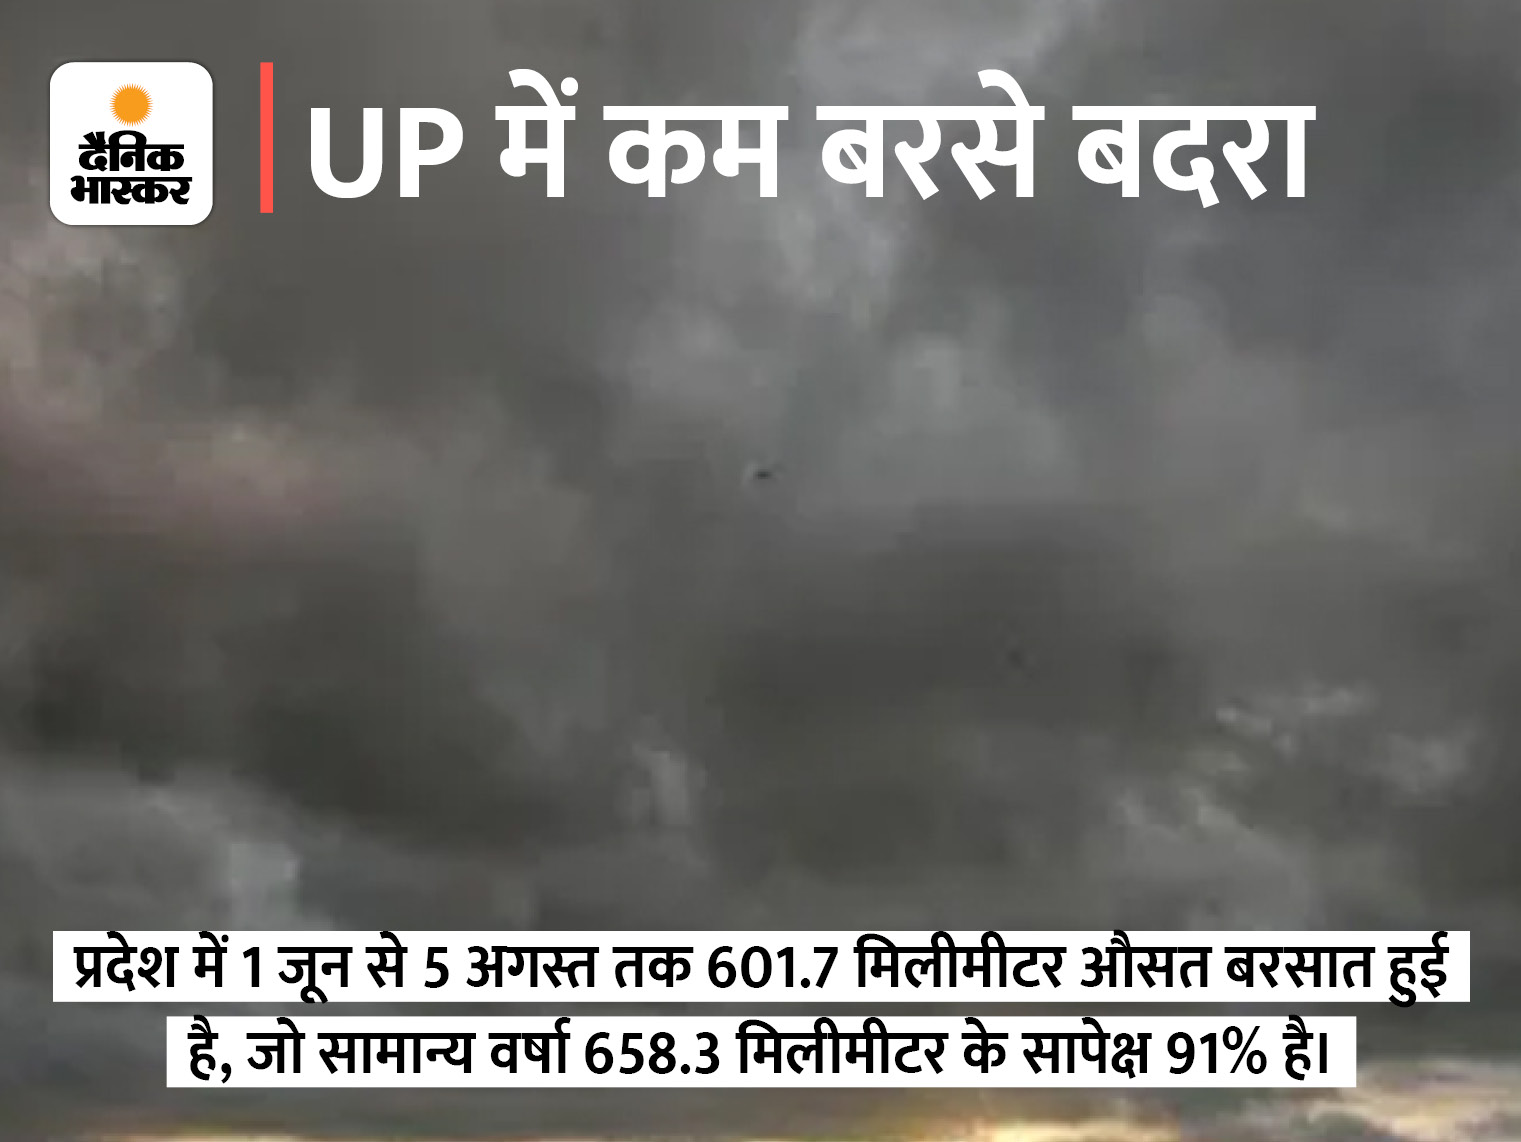 वैज्ञानिक बोले- आसमान से बादल गायब, इसलिए सीधे जमीन तक पहुंच रही धूप, आज लखनऊ समेत 17 जिलों में बारिश का अलर्ट|लखनऊ,Lucknow - Dainik Bhaskar